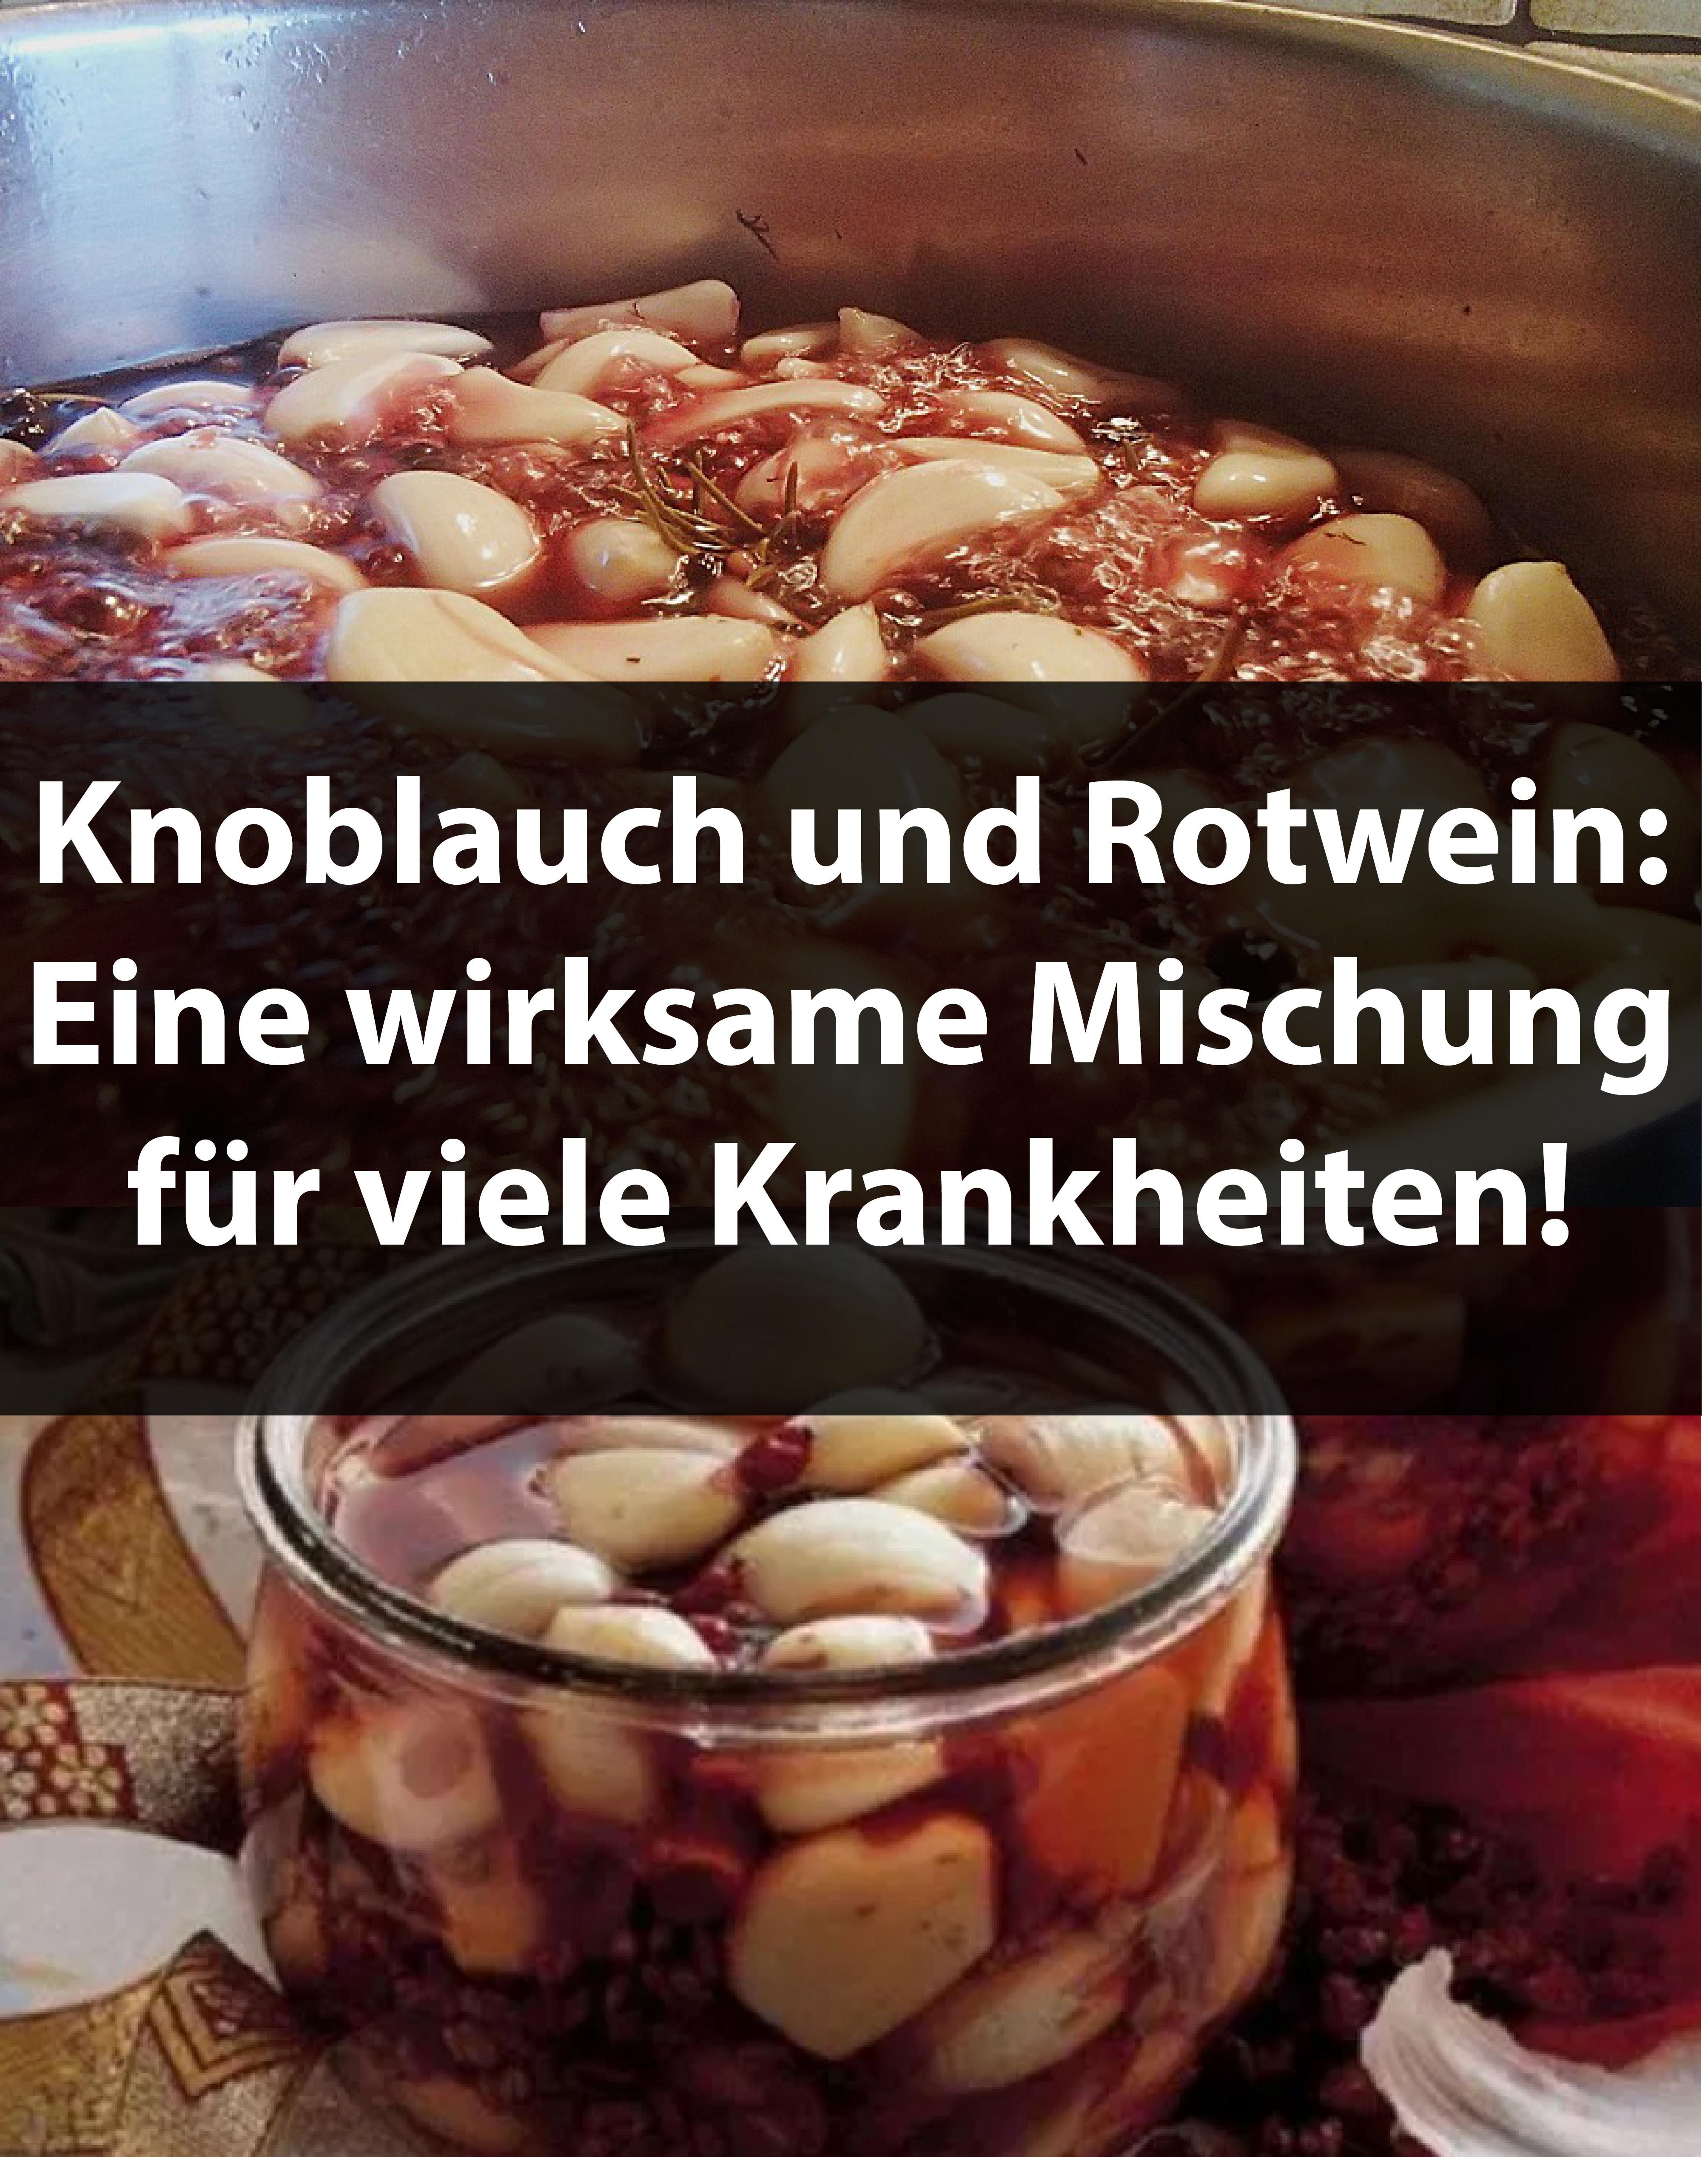 Knoblauch und Rotwein: Eine wirksame Mischung für viele Krankheiten!